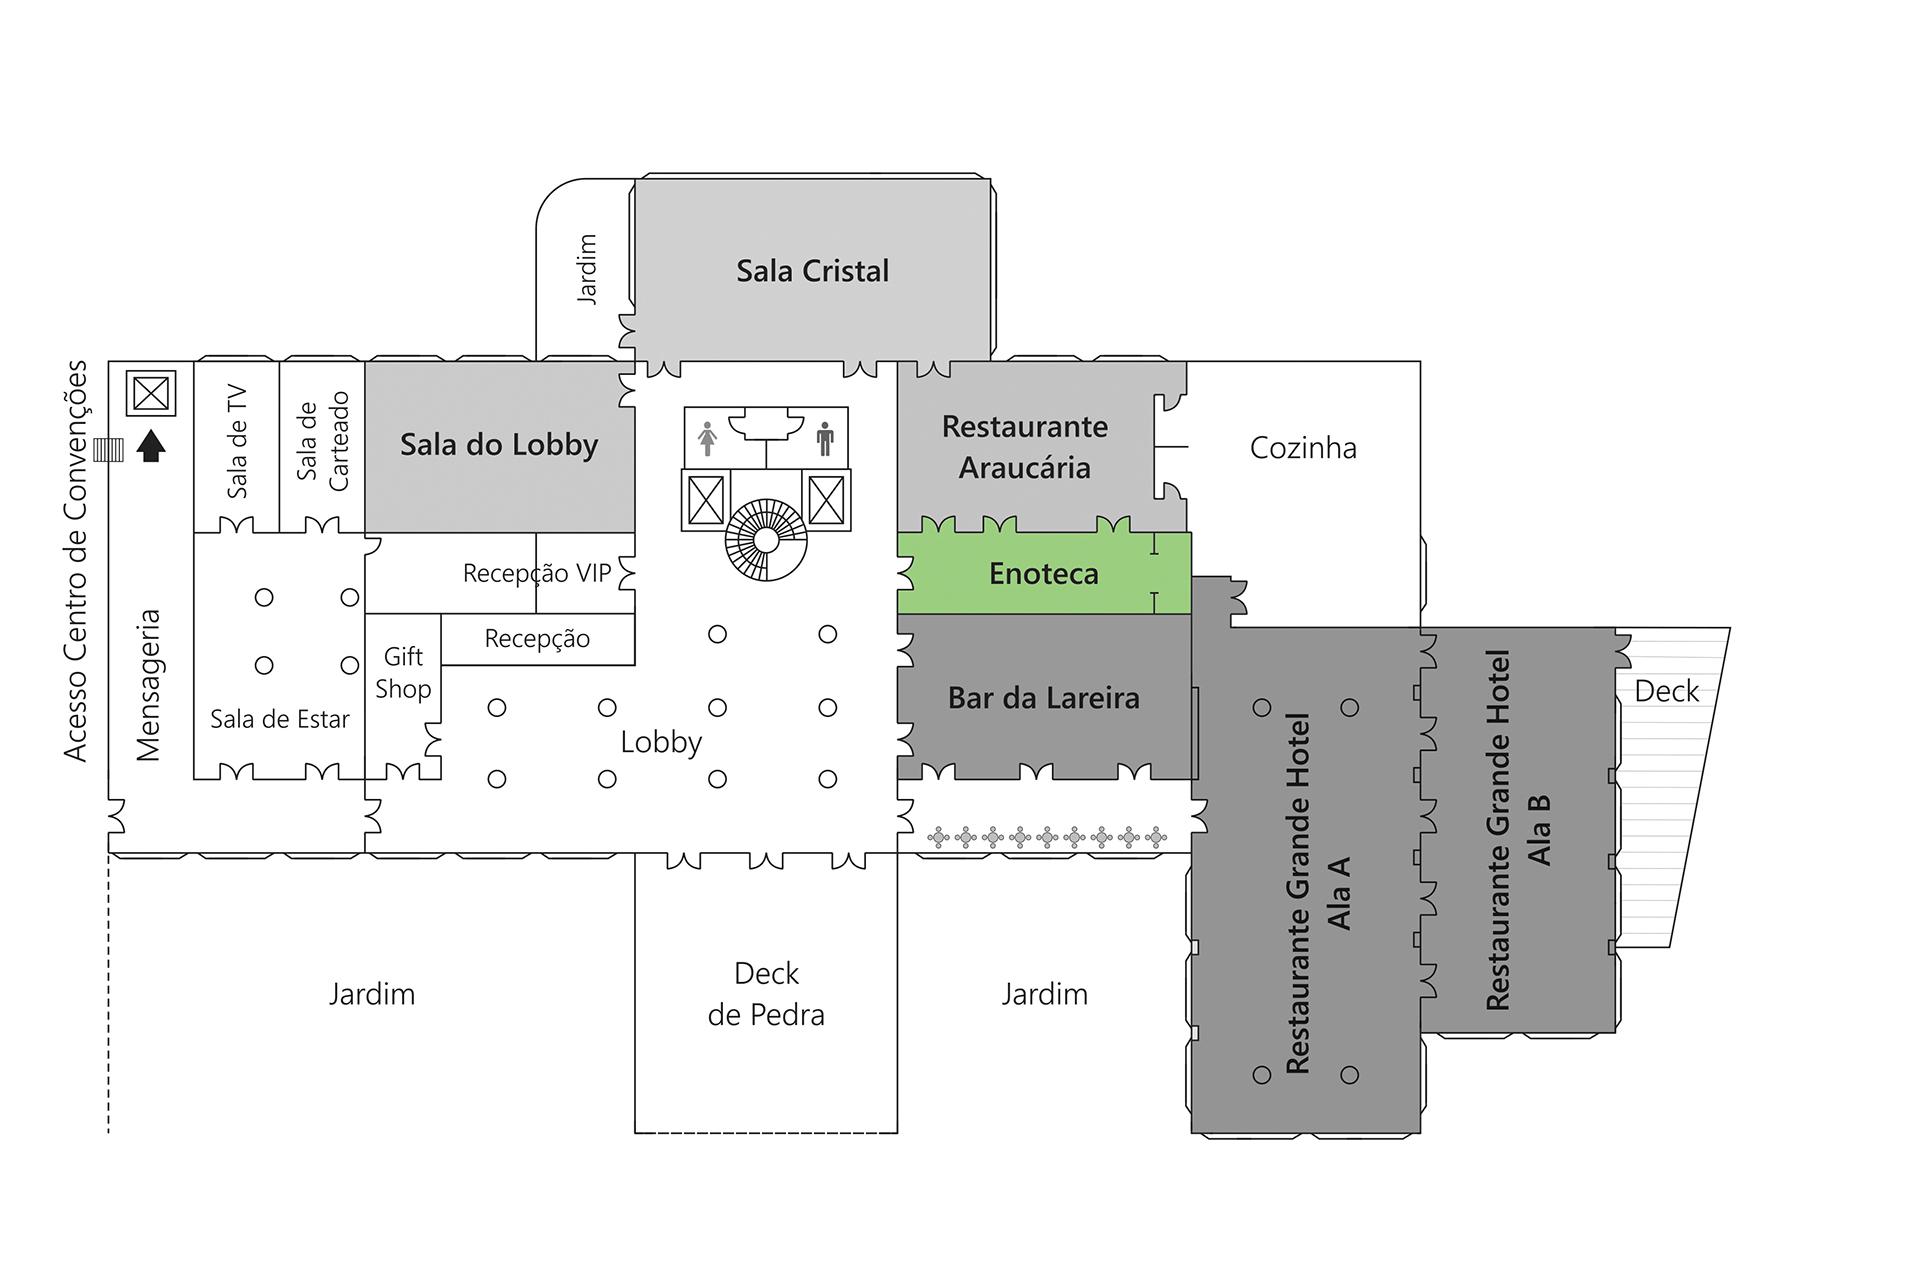 Grande Hotel Campos do Jordão - Planta Enoteca